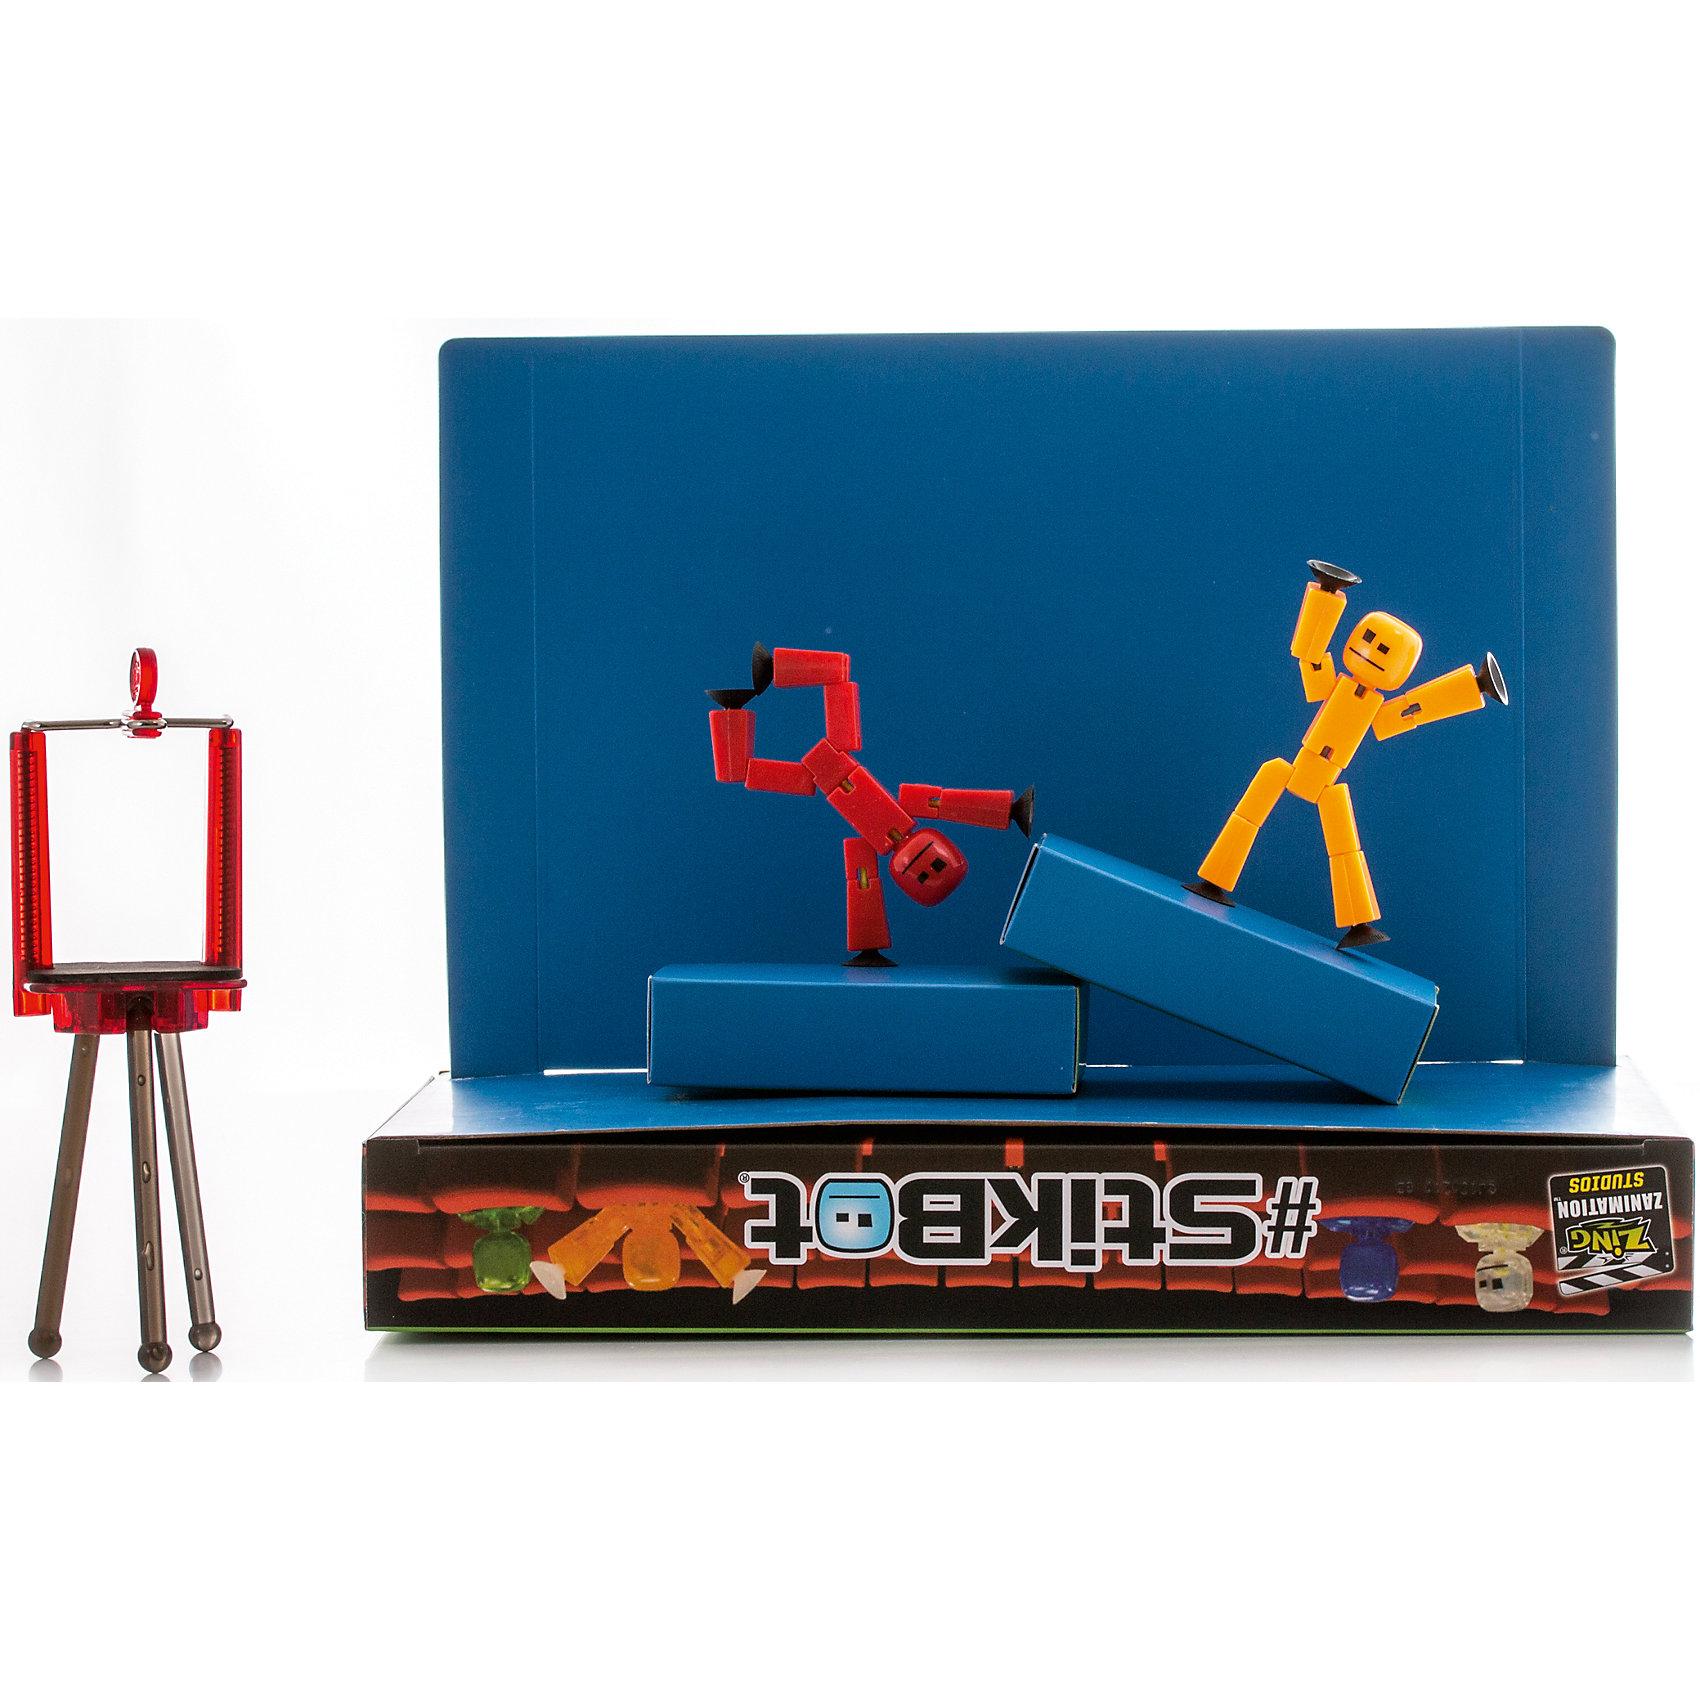 Анимационная студия-PRO, StikbotПрочие интерактивные игрушки<br>Характеристики товара:<br><br>- цвет: разноцветный;<br>- материал: пластик, металл;<br>- комплектация: 2 фигурки, зеленый/синий экран, 2 коробочки, штатив (тренога);<br>- особенности: для съемки роликов;<br>- размер фигурок: 8 см;<br>- размер упаковки: 5х31х30 см;<br>- вес: 450 г.<br><br>Такое увлекательное занятие, как съемка роликов или мультфильфов, не оставит ребенка равнодушным! Для этого кроме такого набора нужно только смартфон и специальное приложение! Снимать ролики с таким набором - очень легко, поэтому он станет отличным подарком ребенку. Такой комплект помогает развить логику, творческие способности ребенка, мышление, внимание, воображение и мелкую моторику.<br>Изделие произведено из высококачественного материала, безопасного для детей.<br><br>Анимационную студию-PRO от бренда CStikbot можно купить в нашем интернет-магазине.<br><br>Ширина мм: 50<br>Глубина мм: 310<br>Высота мм: 300<br>Вес г: 450<br>Возраст от месяцев: 48<br>Возраст до месяцев: 2147483647<br>Пол: Унисекс<br>Возраст: Детский<br>SKU: 5039905